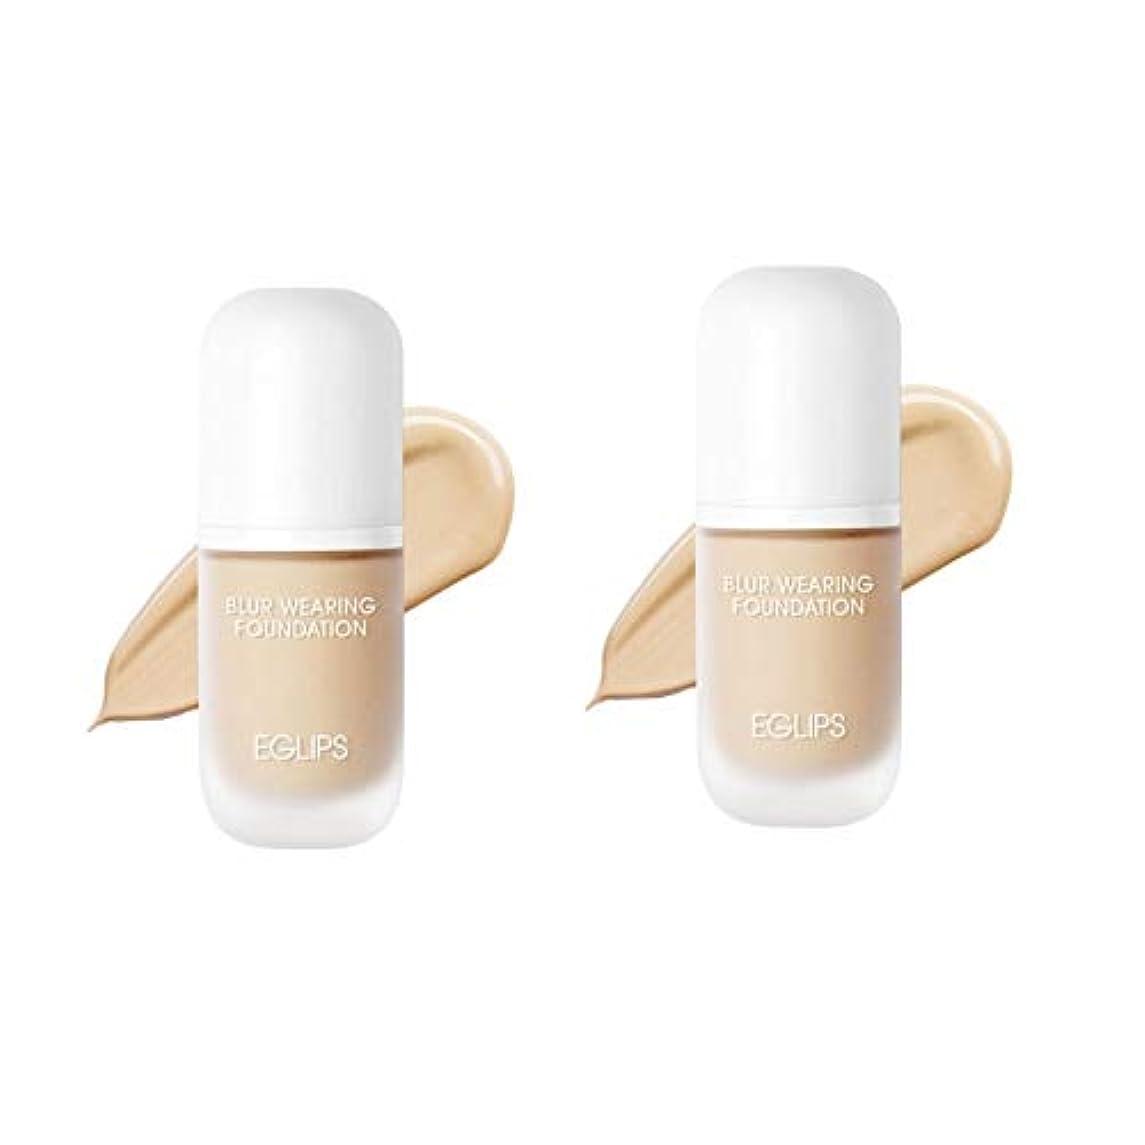 経歴解き明かす登るイーグルリップスブラーウェアリングファンデーション 30mlx2本セット3カラー韓国コスメ、EGLIPS Blur Wearing Foundation 30ml x 2ea Set 3 Colors Korean Cosmetics...